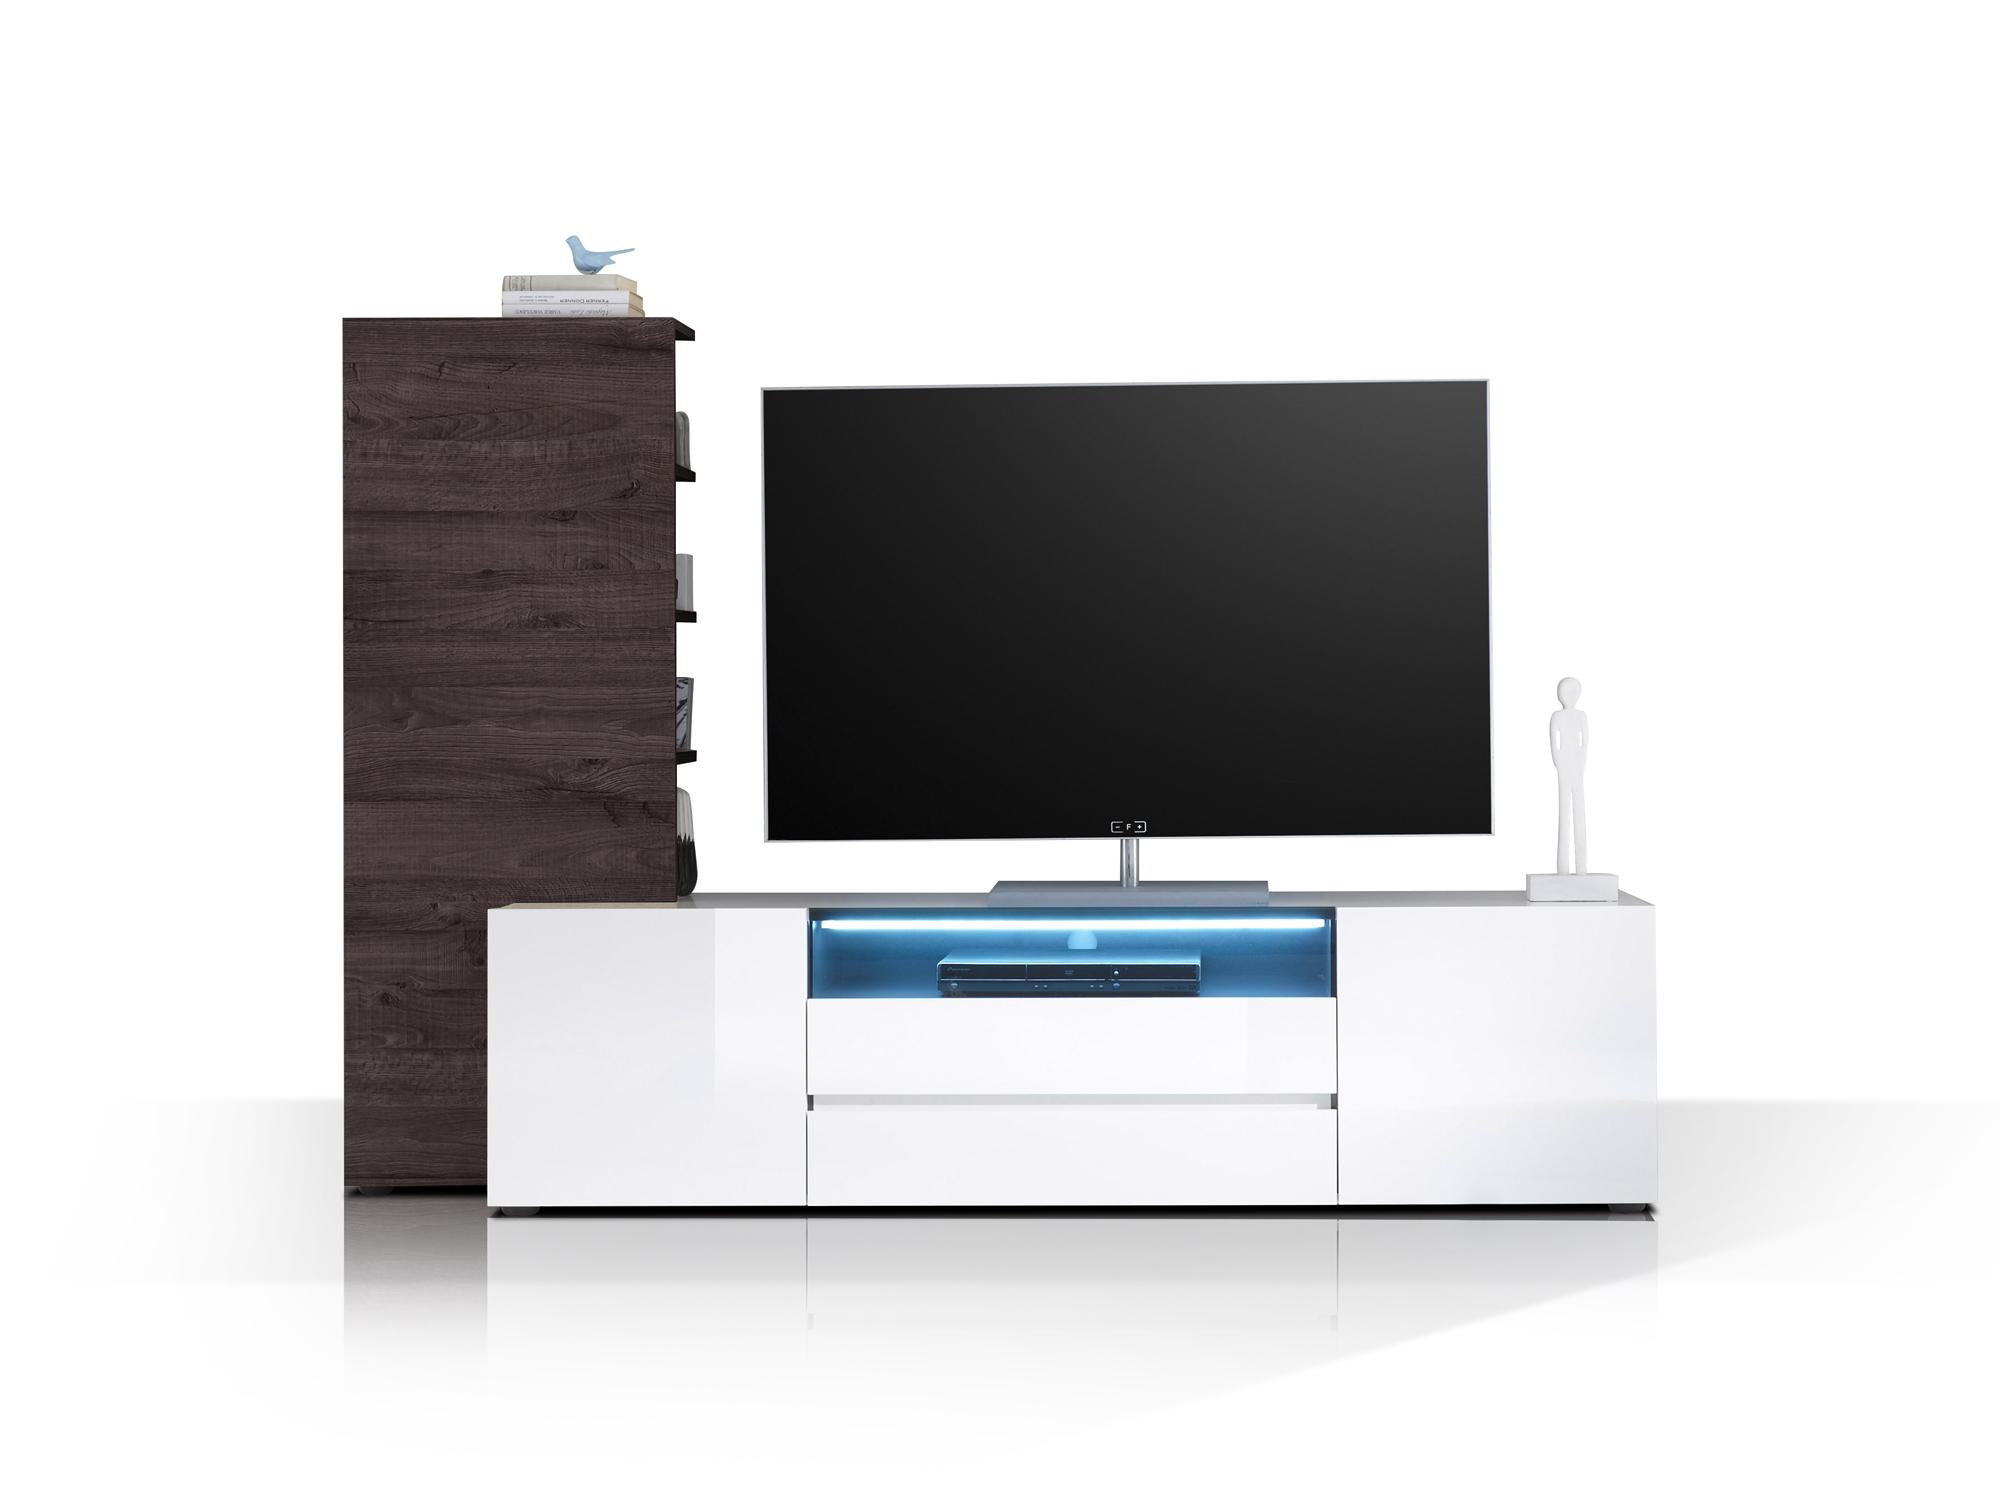 venedig iii wohnwand weiss hochglanz weiss eiche wenge. Black Bedroom Furniture Sets. Home Design Ideas